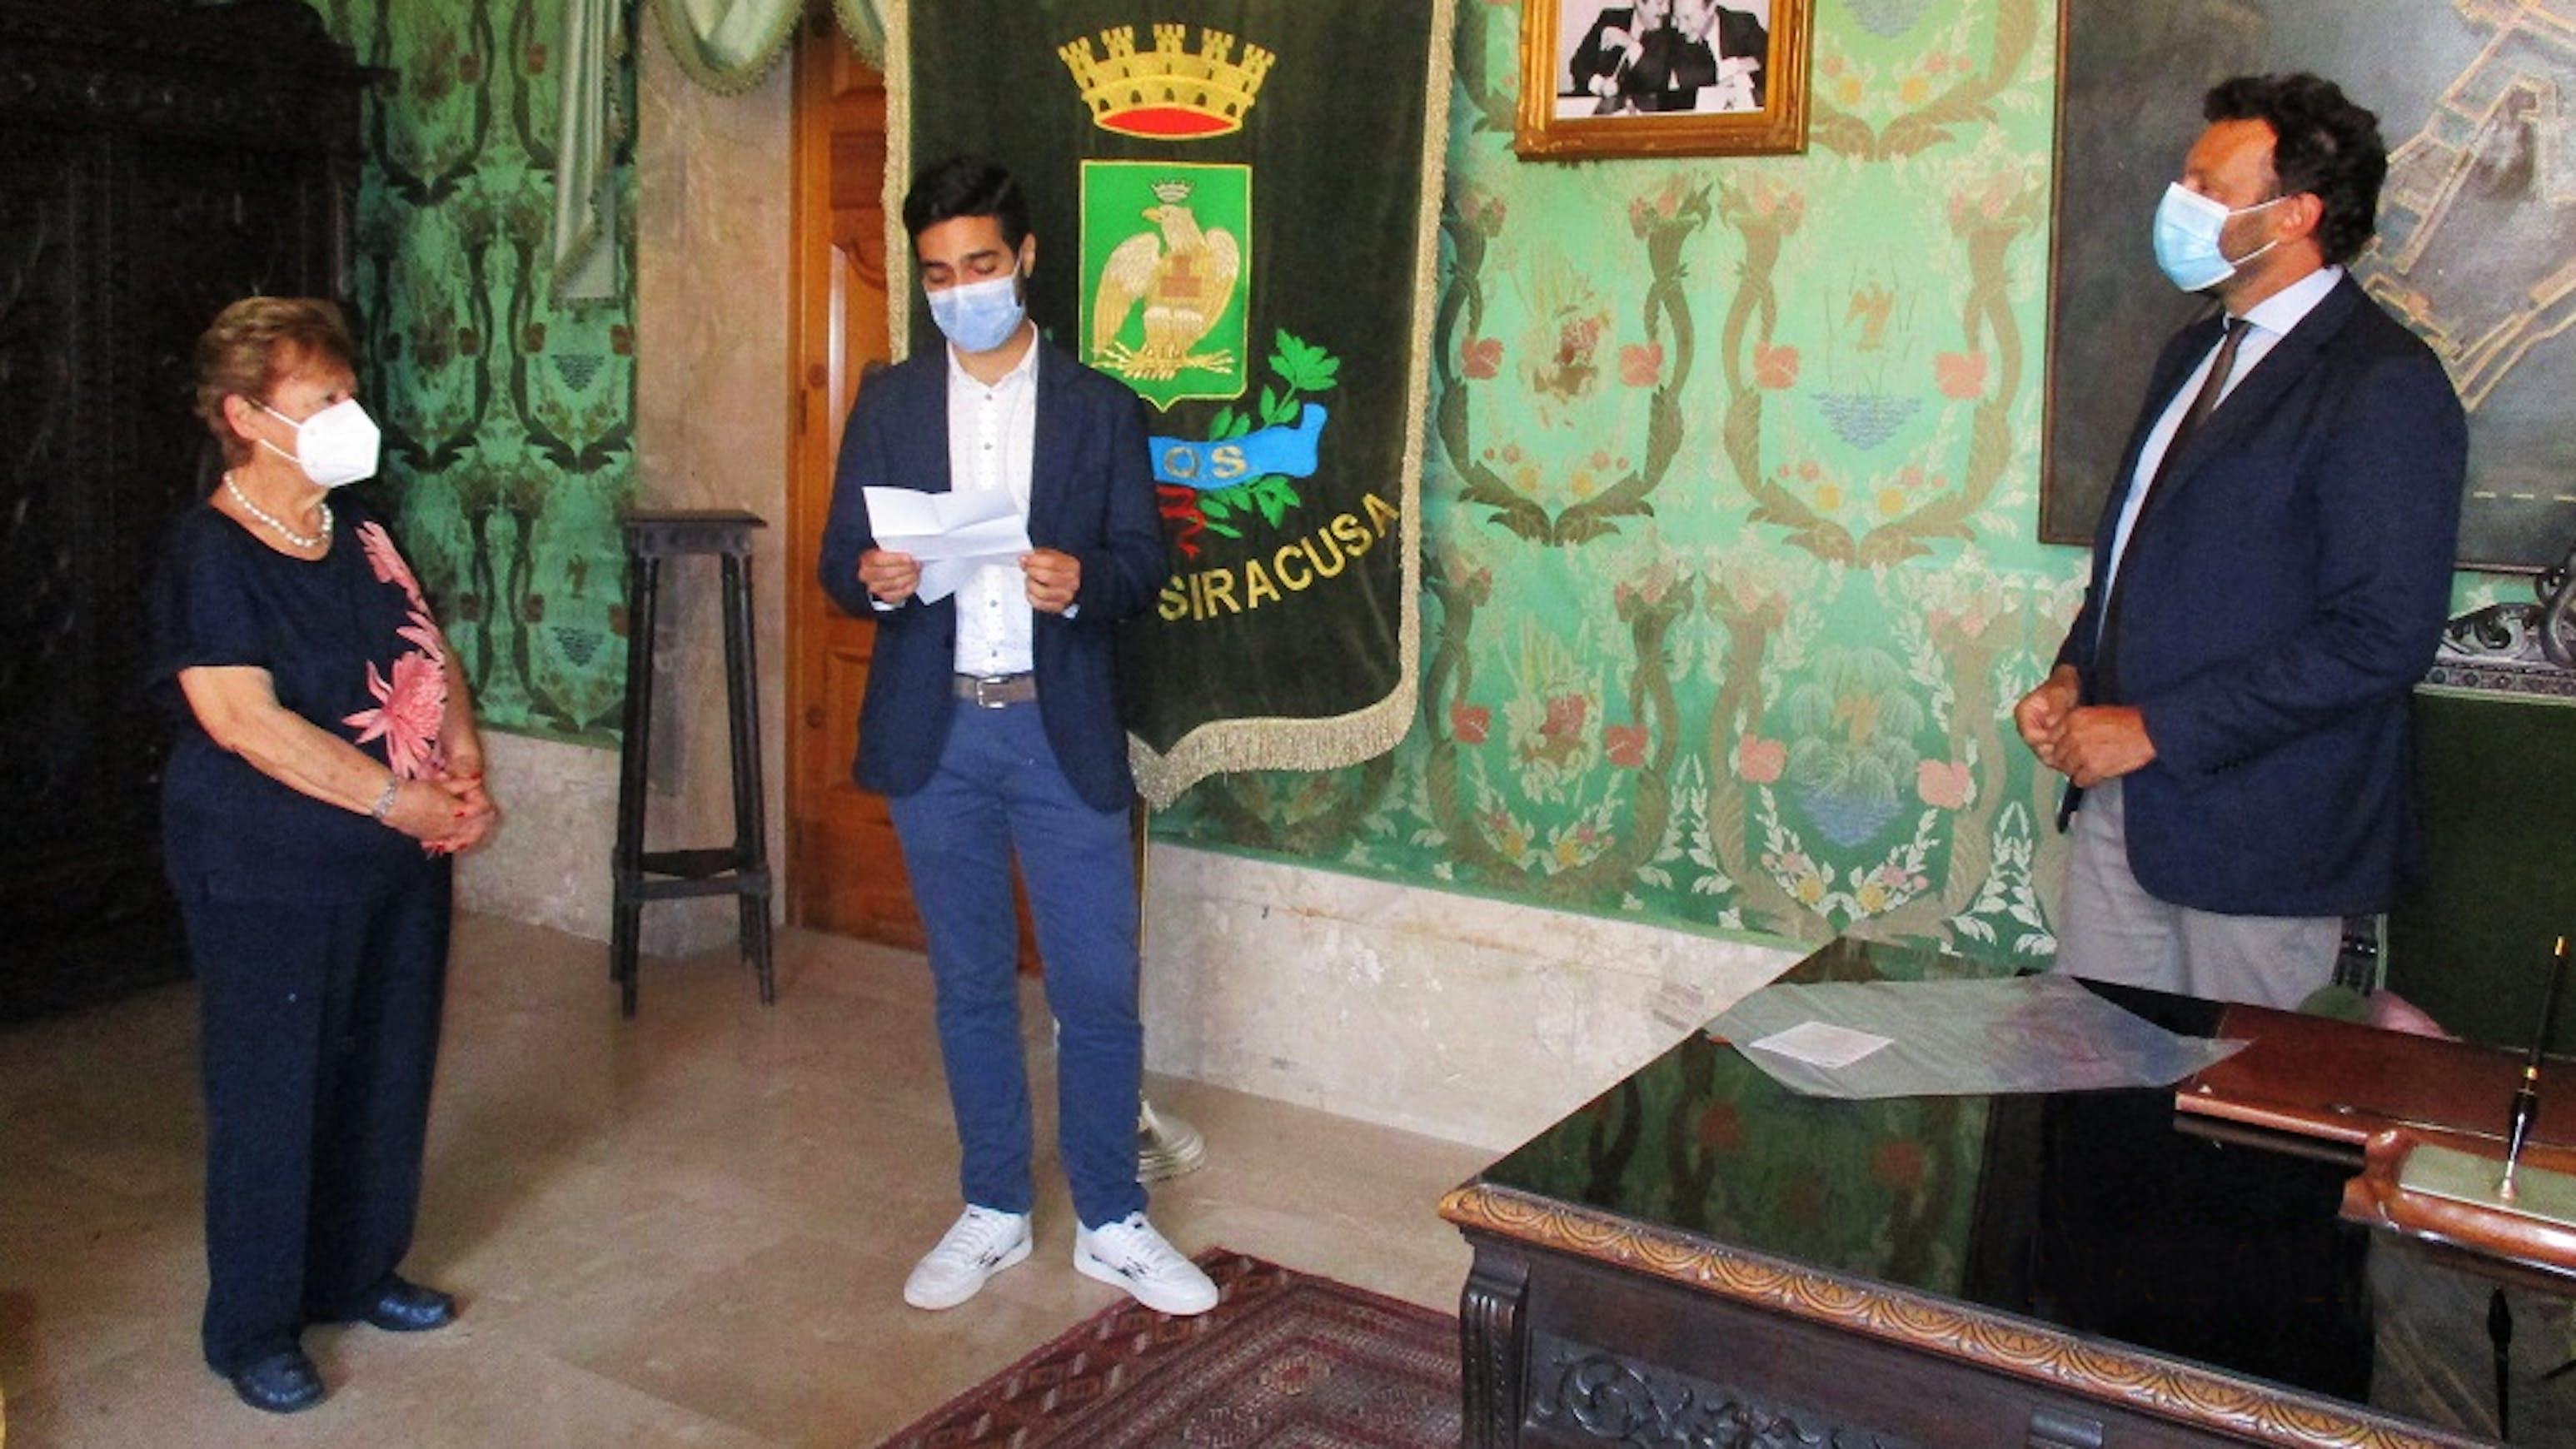 Il presidente della consulta  Ejaad Issa legge una dichiarazione alla presenza del sindaco Italia e della presidente UNICEF Italia Carmela Pace